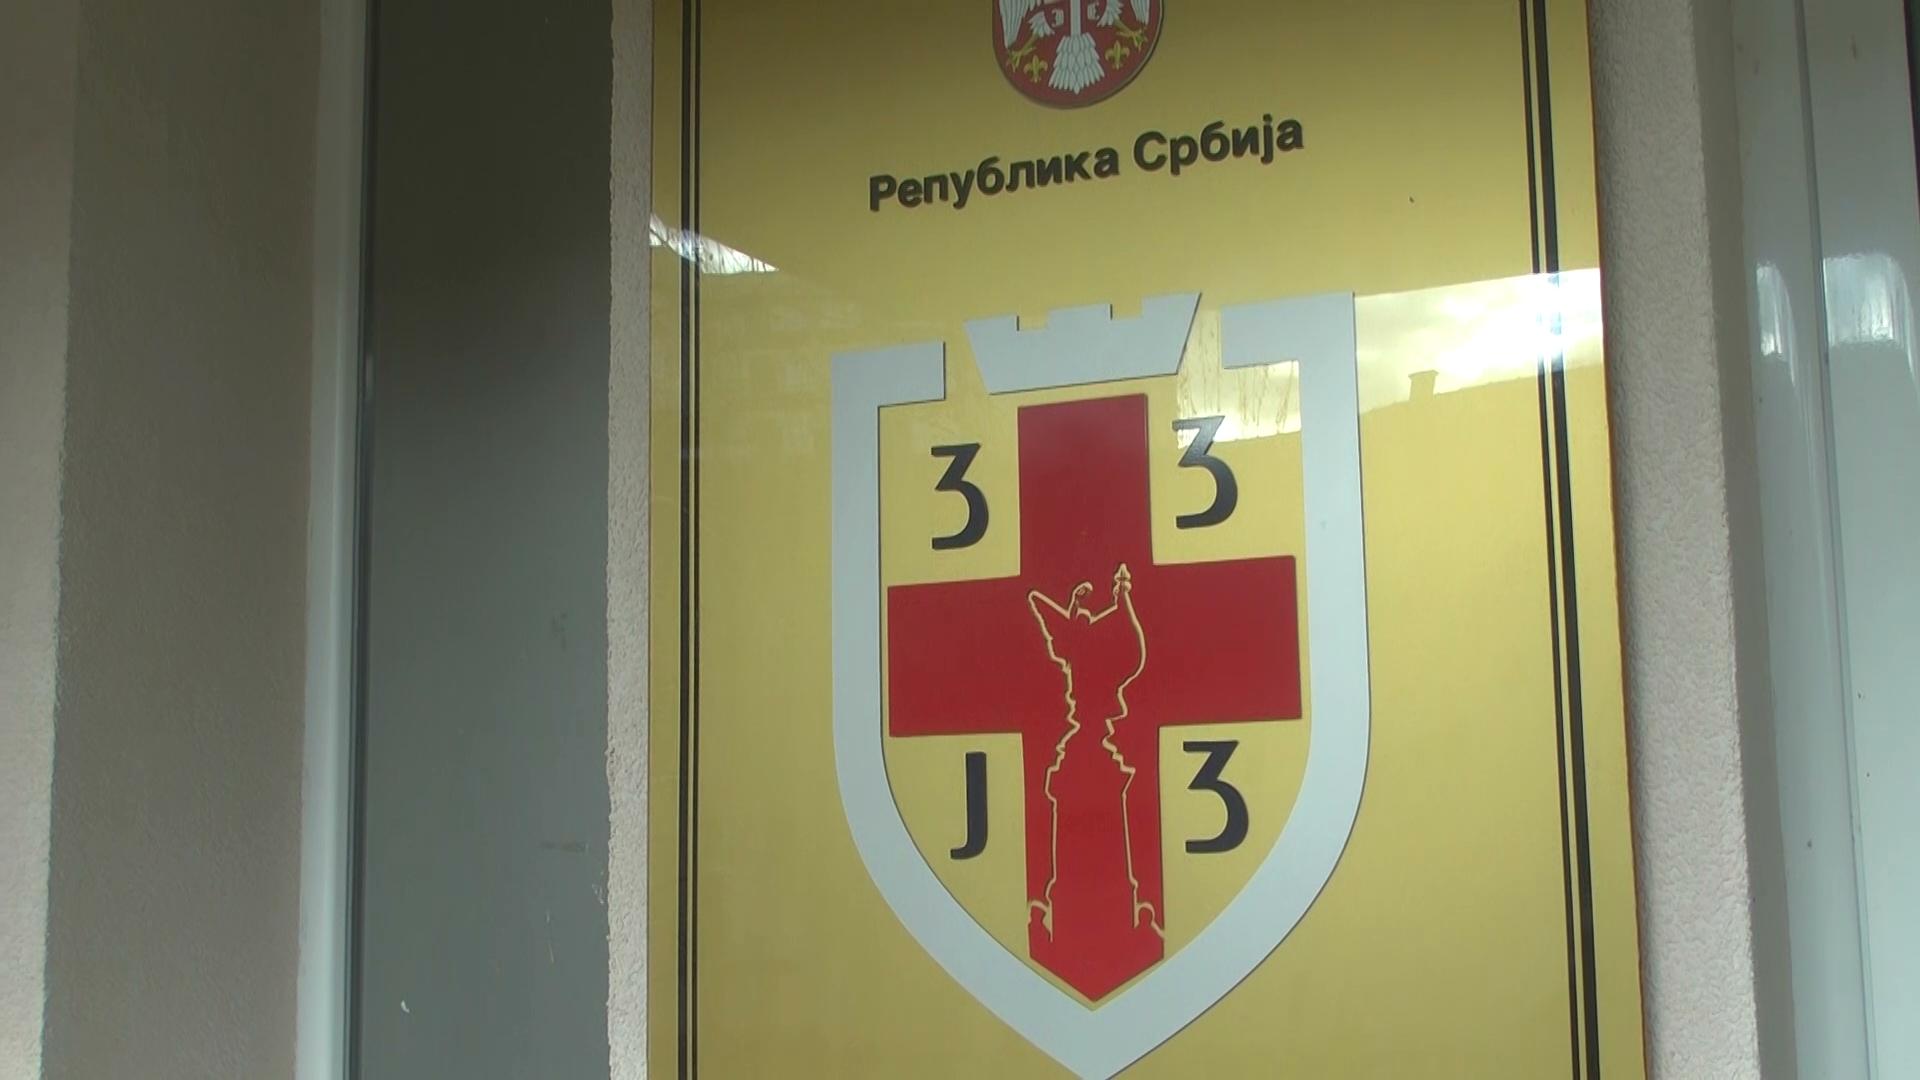 Prema poslednjim podacima u Rasinskom okrugu od koronavirusa obolelo još 76 ljudi (u Kruševcu 40)